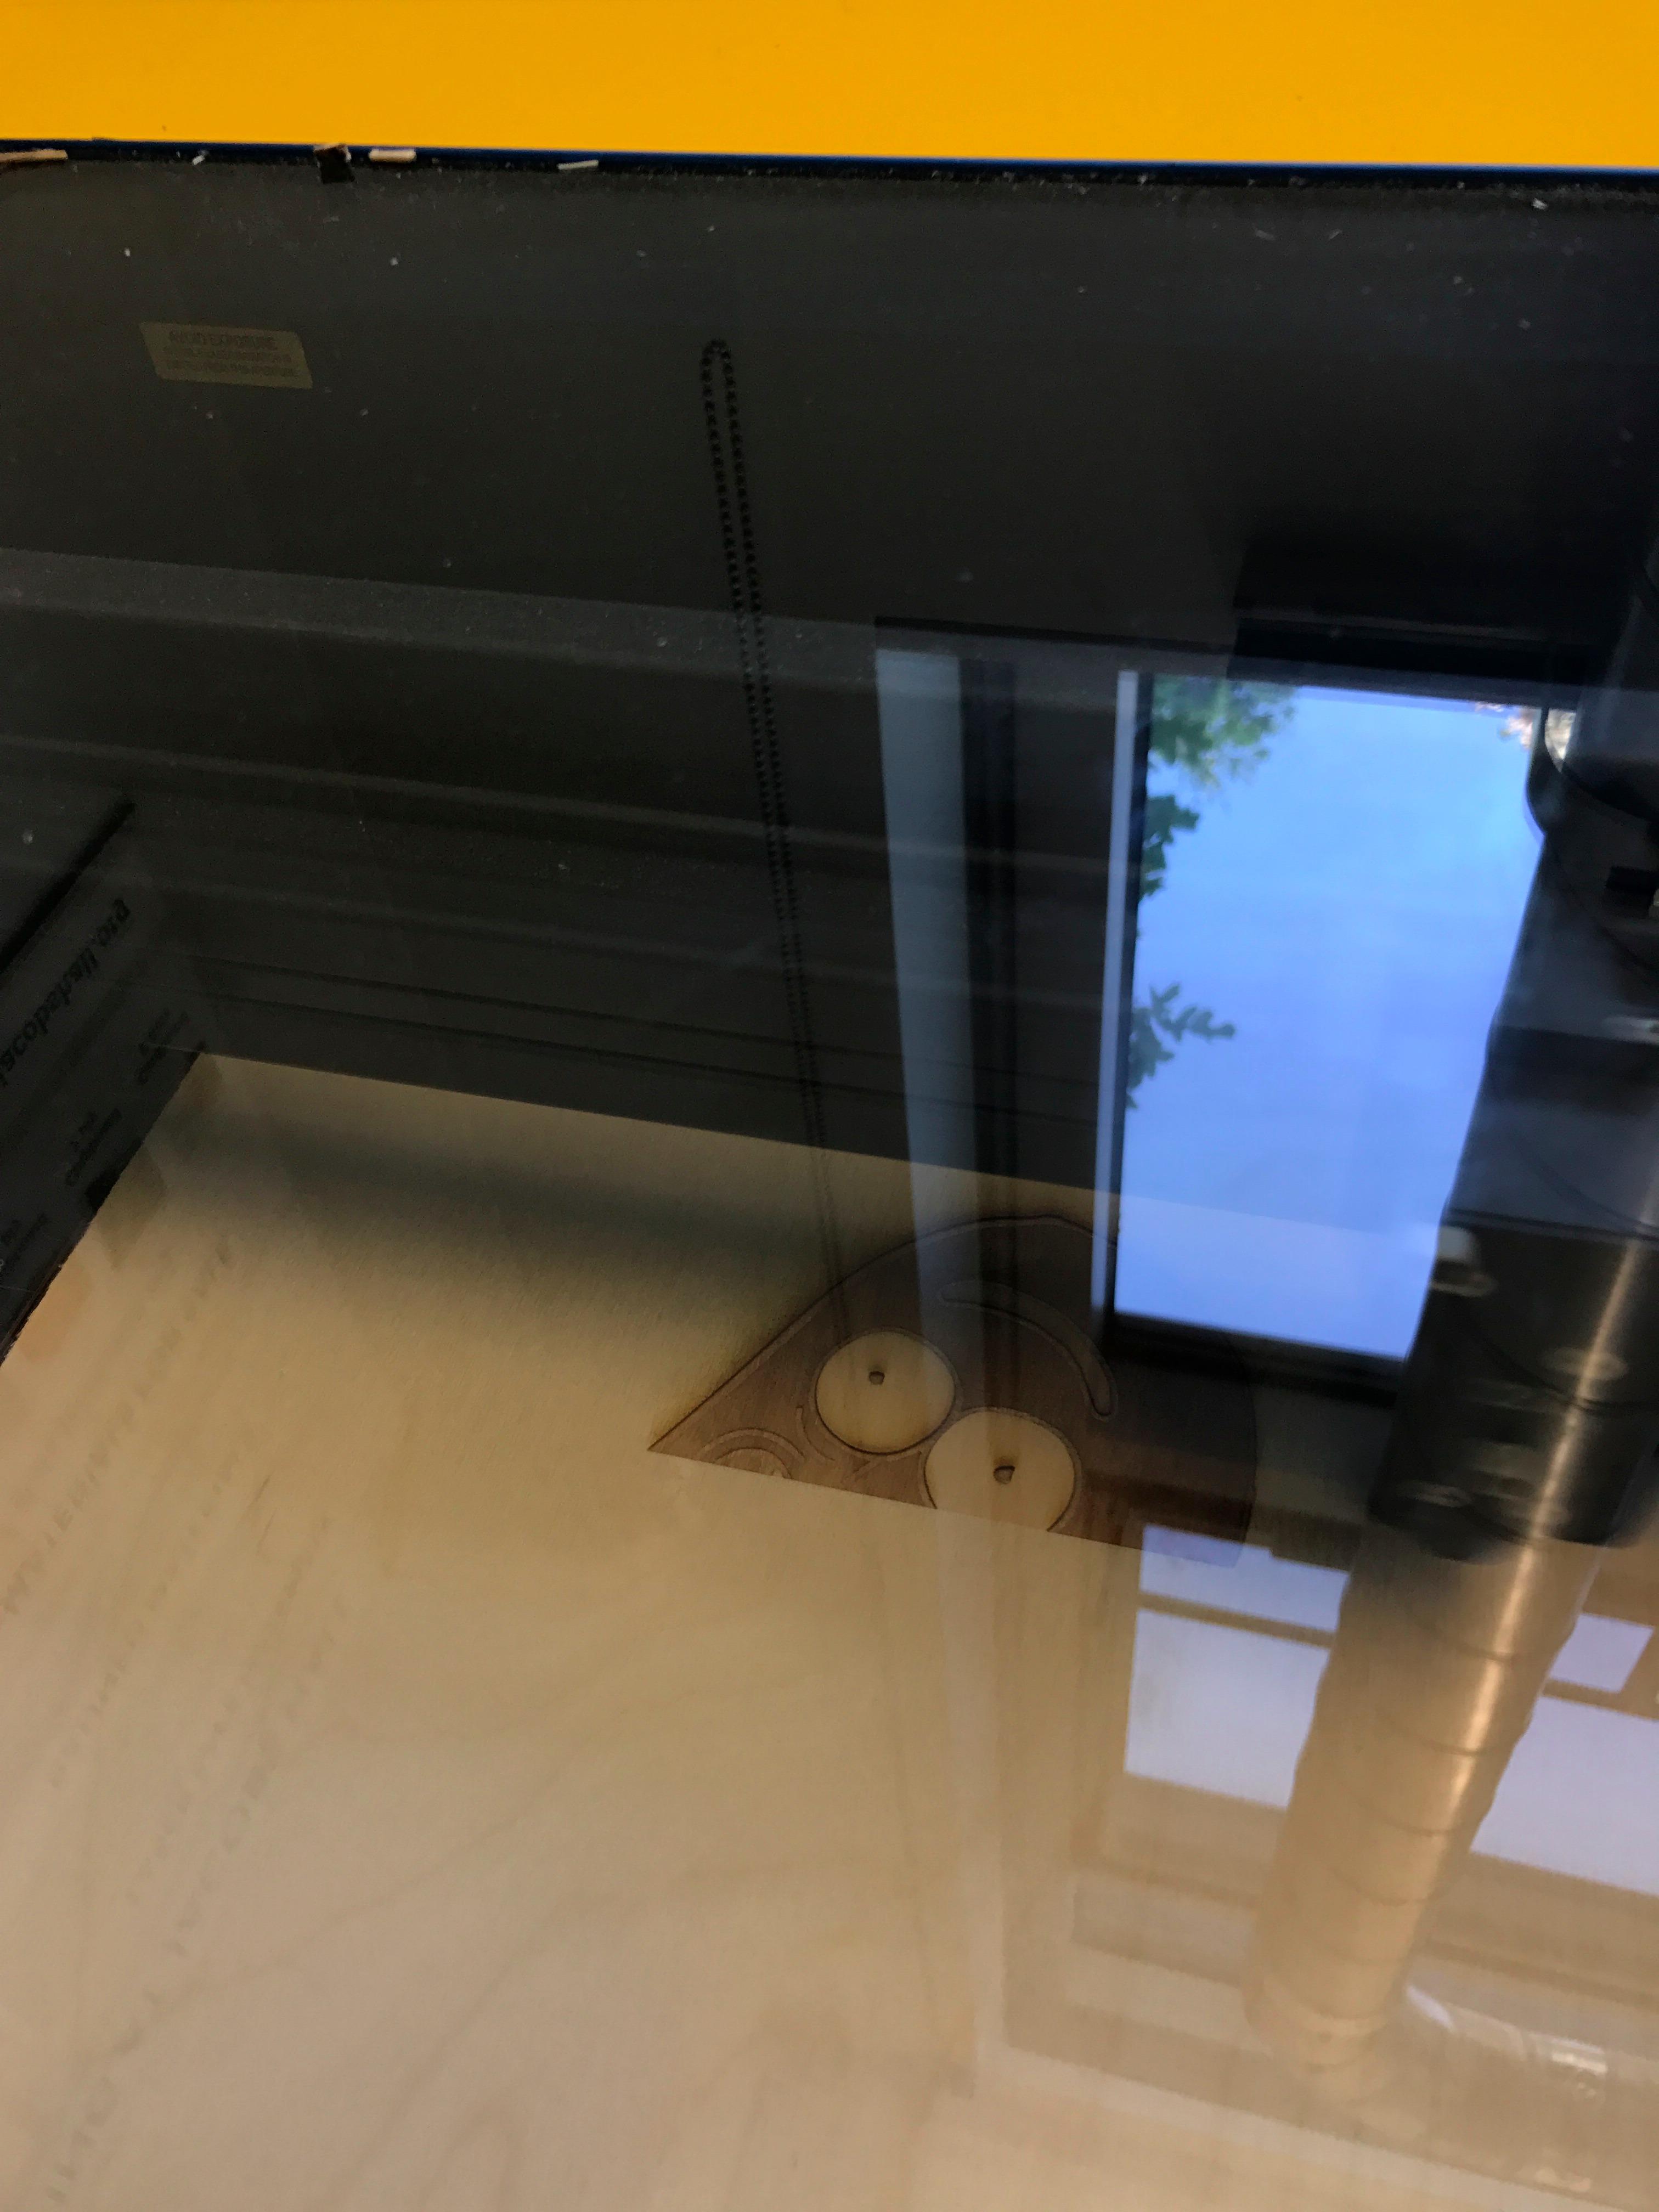 Picture of Preparing in Laser Cutter